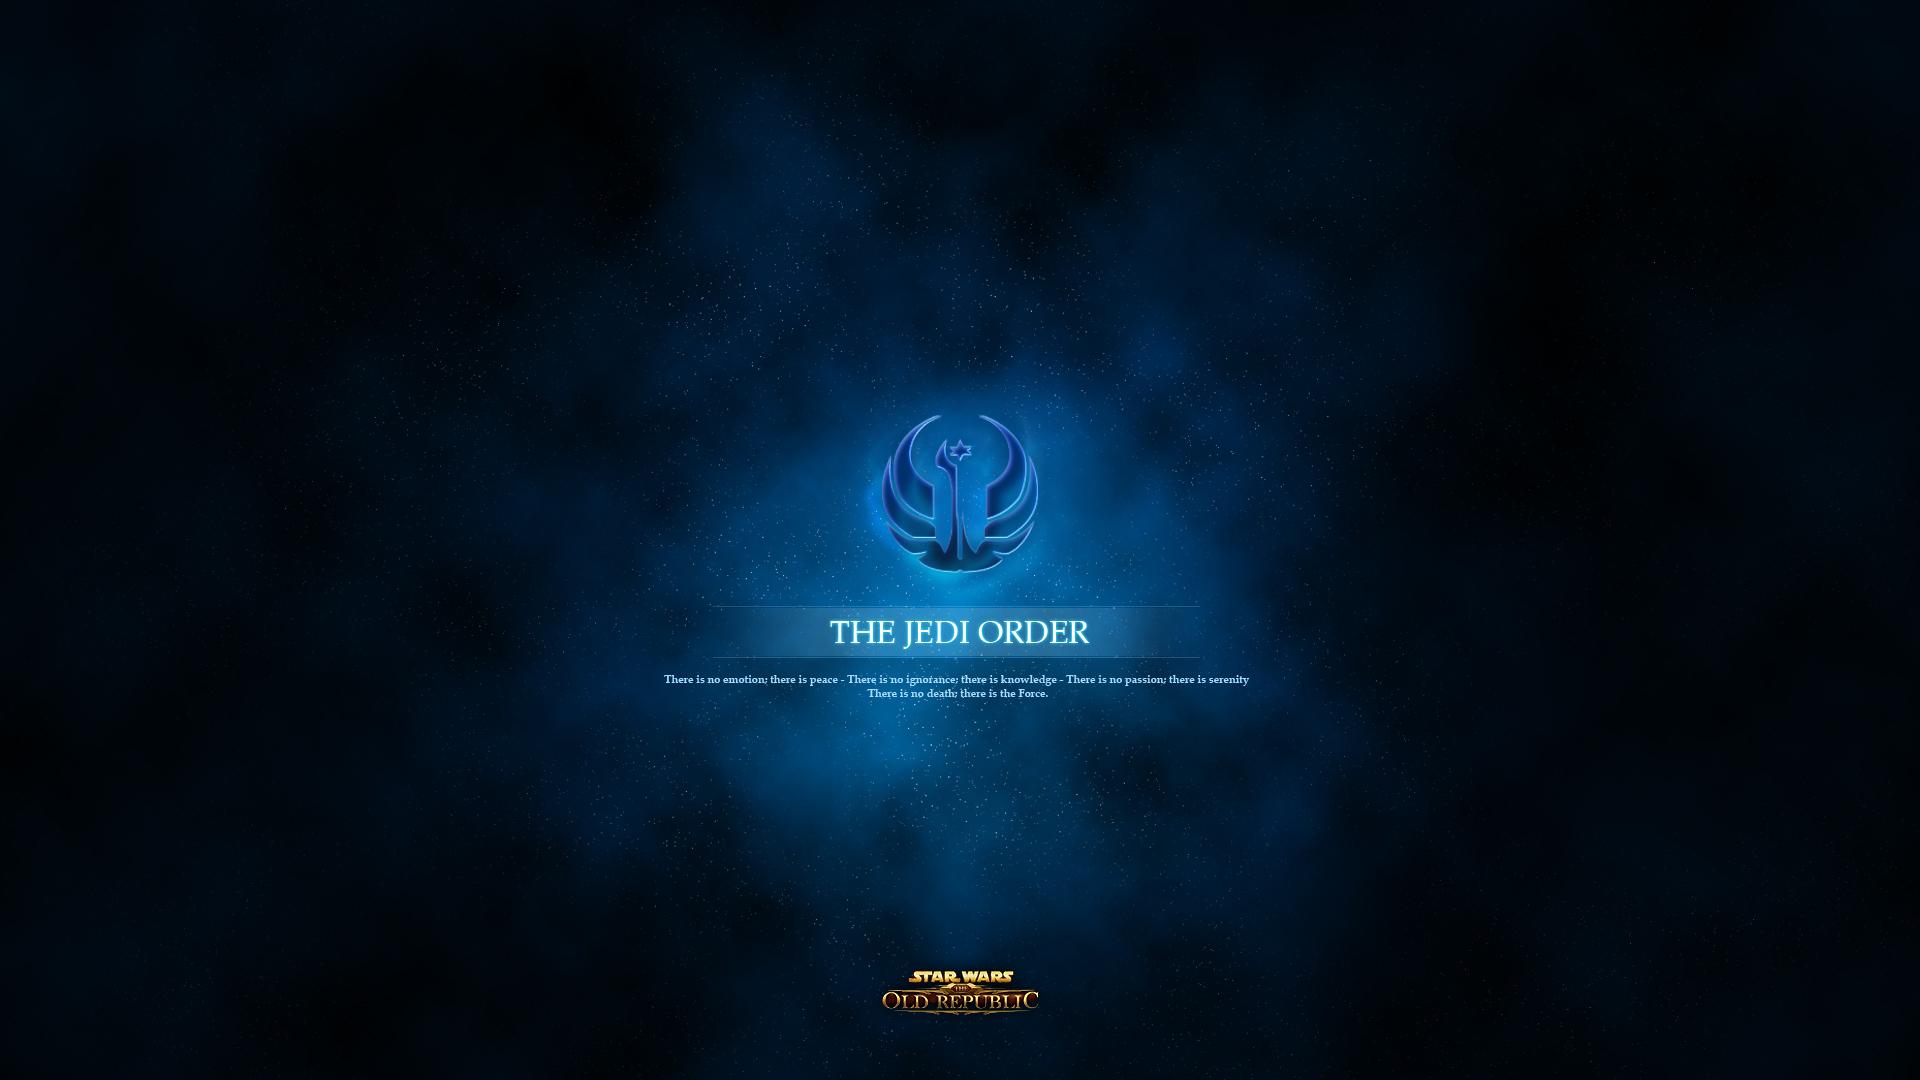 Jedi Logo Wallpaper Hd Next wallpaper 1920x1080